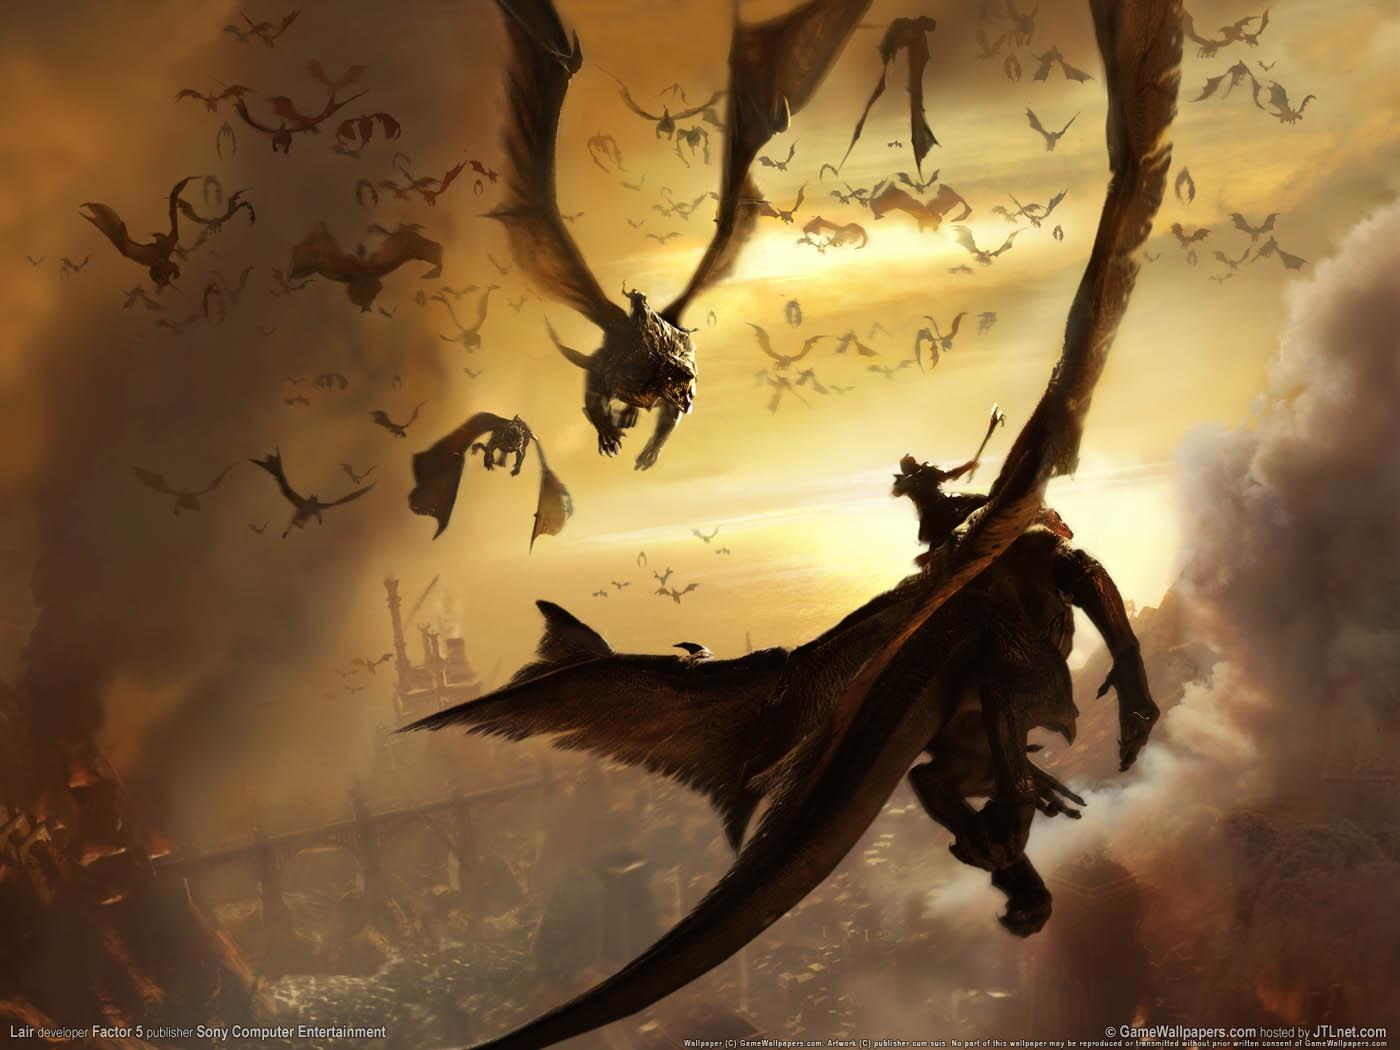 http://2.bp.blogspot.com/_867hHU0p_gk/TK4j9cBgQrI/AAAAAAAAARA/LtkGeMI4m6E/s1600/Lair-flying-dragon-1207.jpg